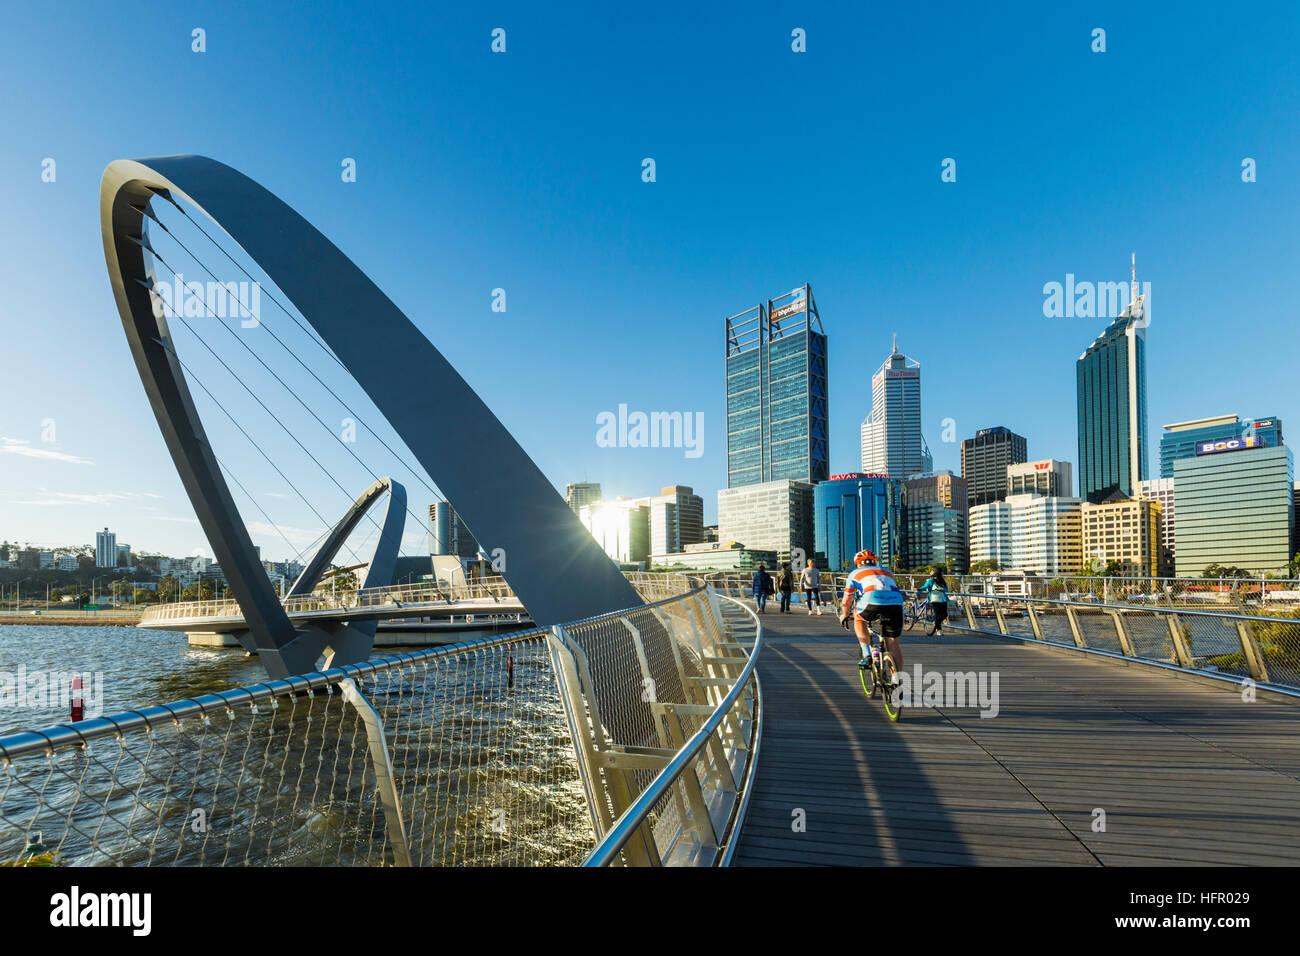 Ciclista attraversando il Elizabeth Quay ponte pedonale con lo skyline della città al di là, Perth, Australia Immagini Stock